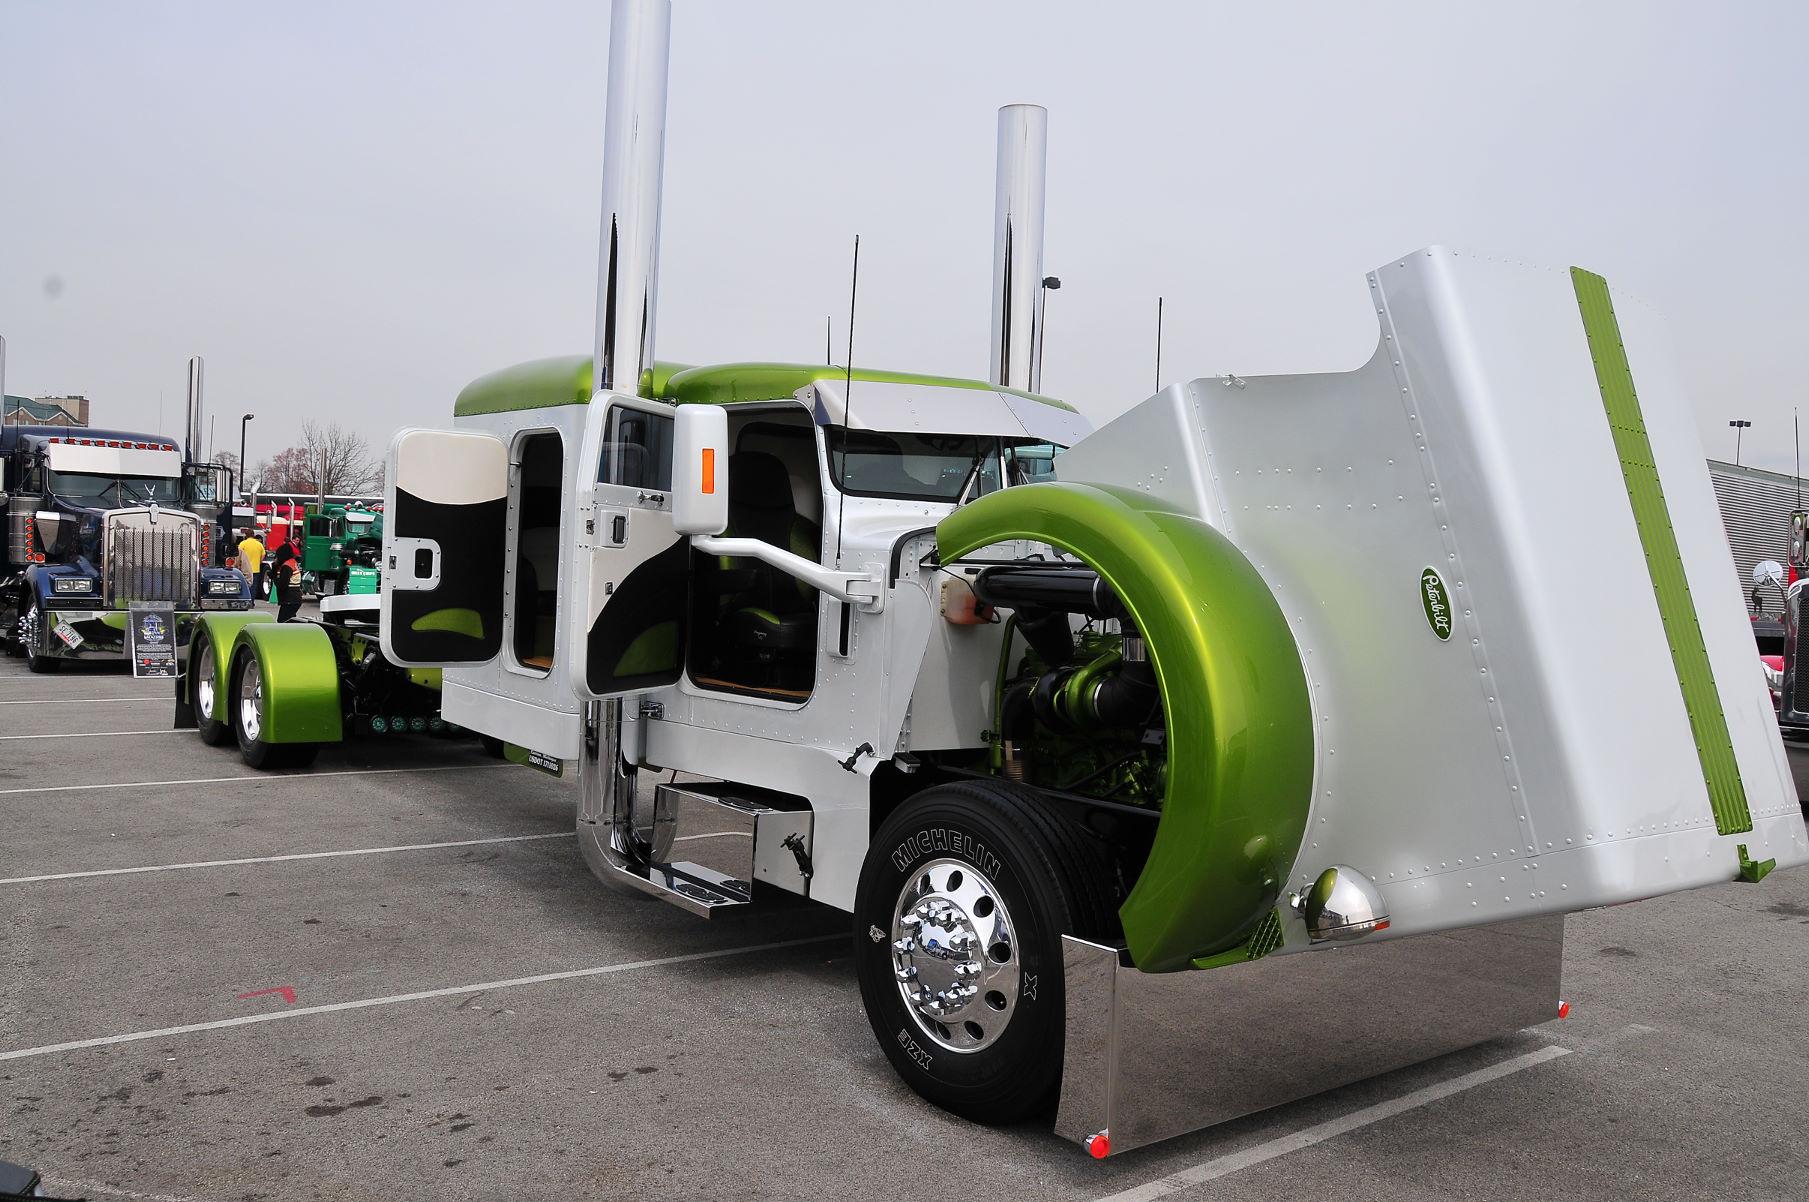 Custom big rig truck wallpaper 1809x1202 67225 WallpaperUP 1809x1202